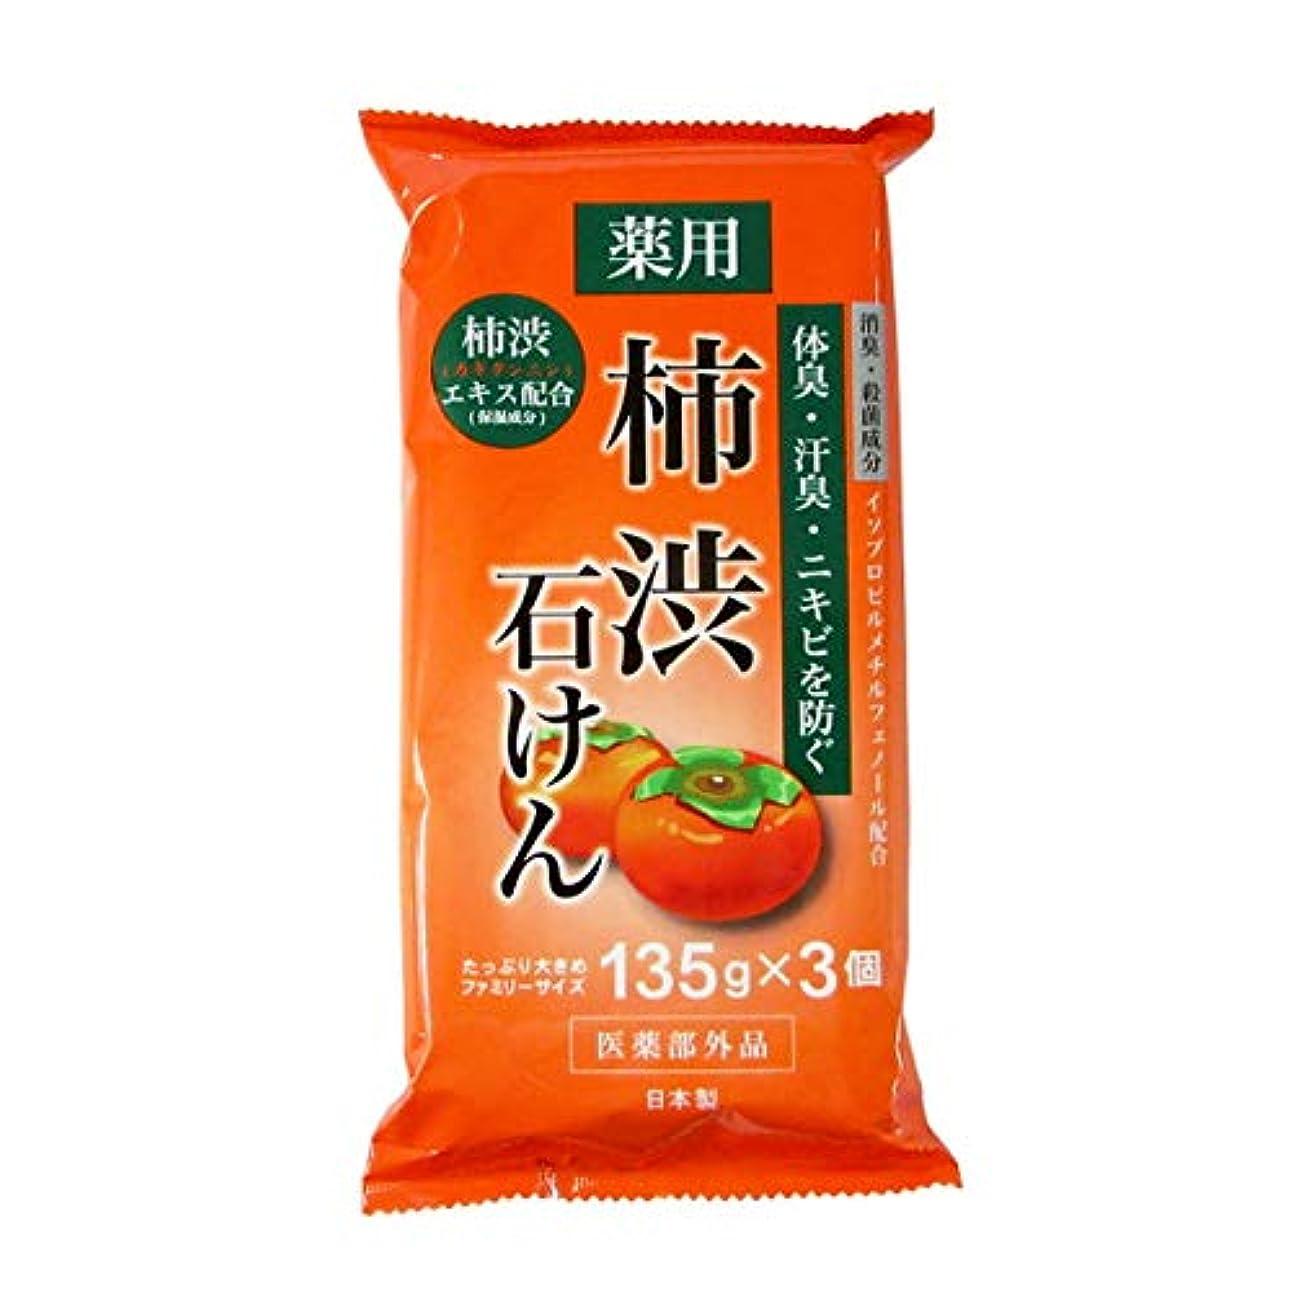 ばかげたもろい散る【医薬部外品】薬用柿渋石けん 135gx3個